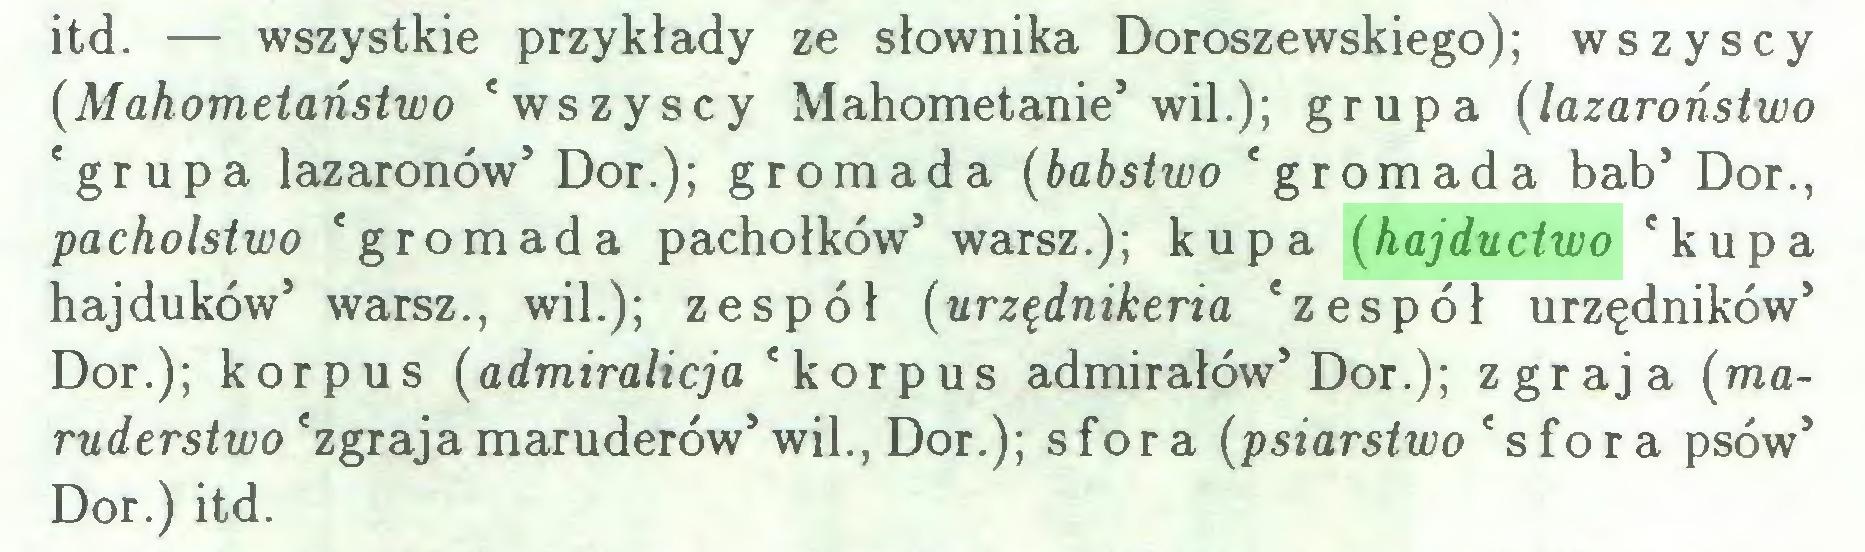 (...) itd. — wszystkie przykłady ze słownika Doroszewskiego); wszyscy {Mahometaństwo 'wszyscy Mahometanie5 wil.); grupa {lazaroństwo 'grupa lazaronów5 Dor.); gromada (babstwo 'gromada bab5 Dor., pacholsiwo 'gromada pachołków5 warsz.); kupa (hajductwo 'kupa hajduków5 warsz., wil.); zespól {urzędnikeria 'zespól urzędników5 Dor.); korpus {admiralicja ' korpus admirałów5 Dor.); zgraja (maruderstwo 'zgrajamaruderów5 wil., Dor.); sfora {psiarstwo 'sfora psów5 Dor.) itd...